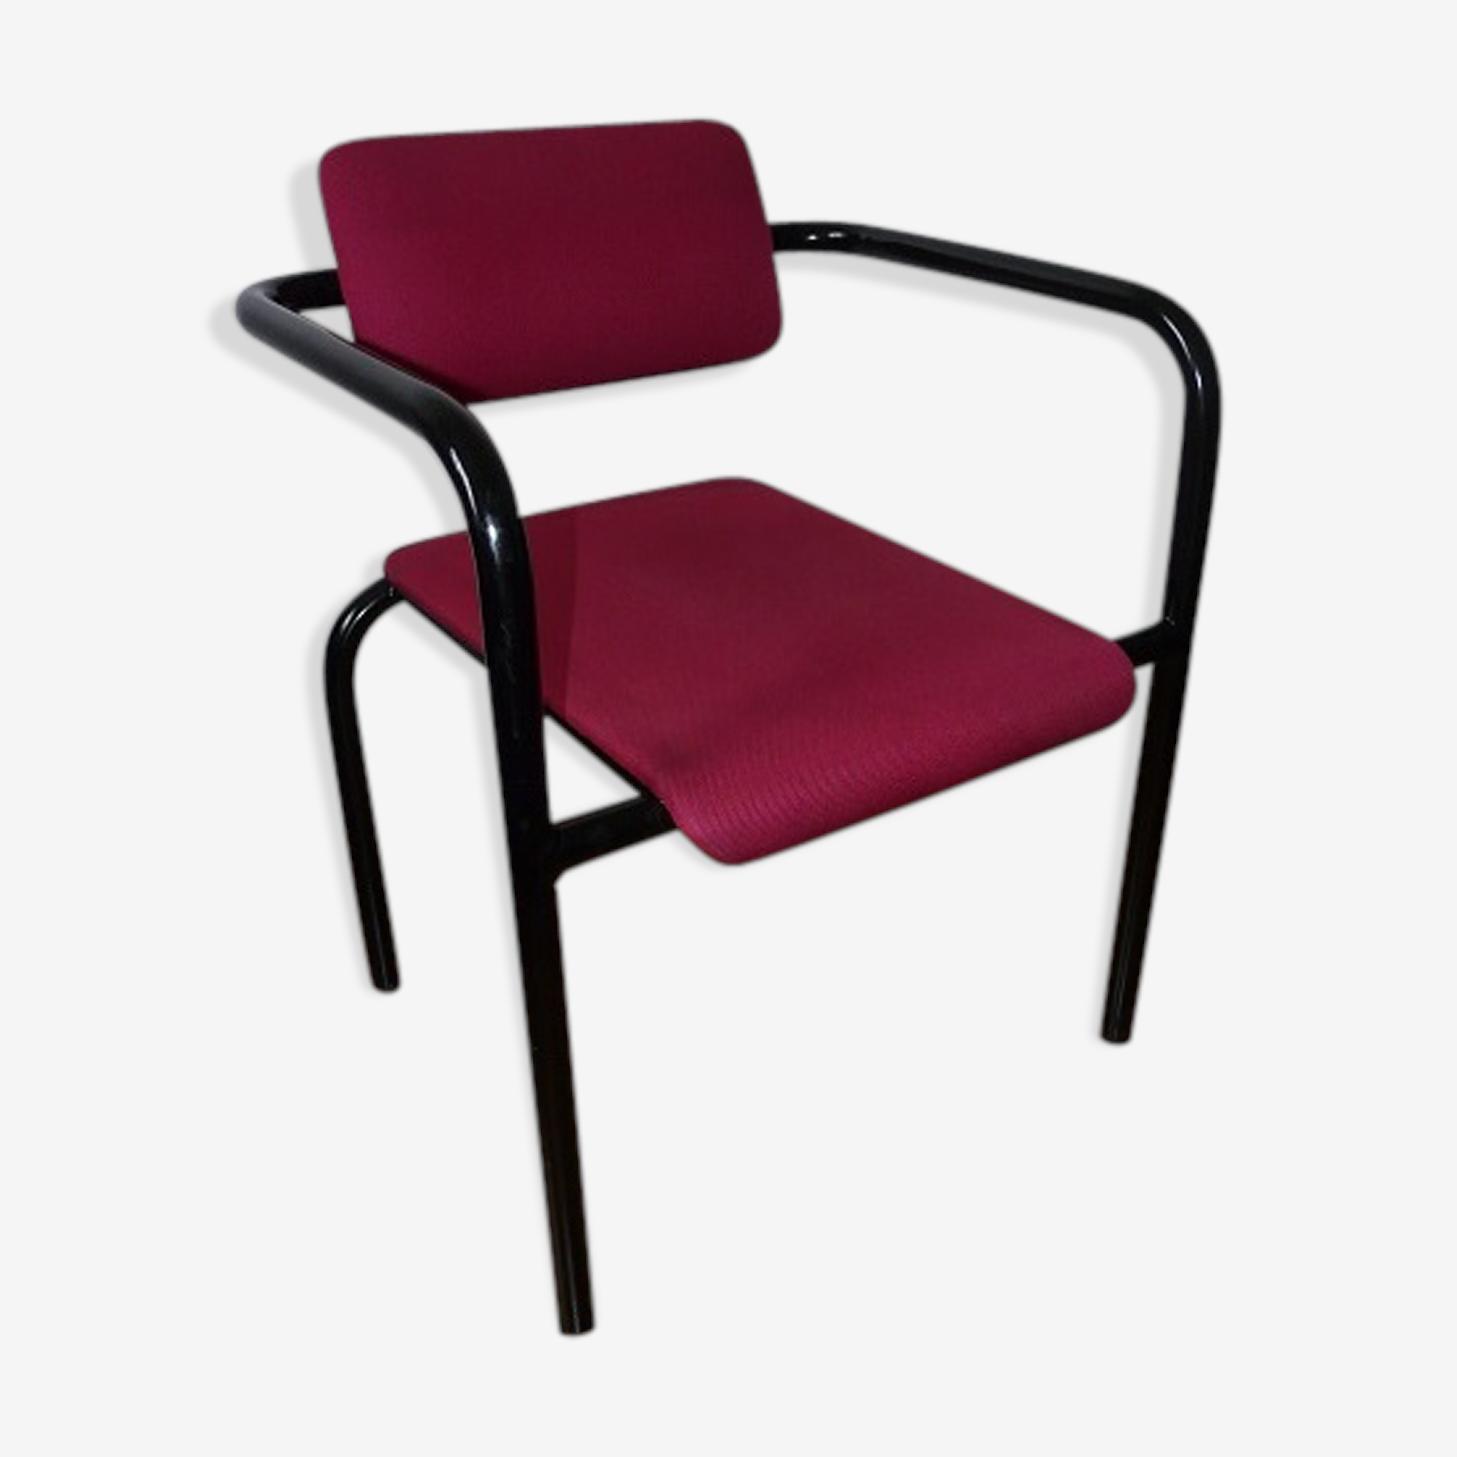 Fauteuil Bauhaus moderniste